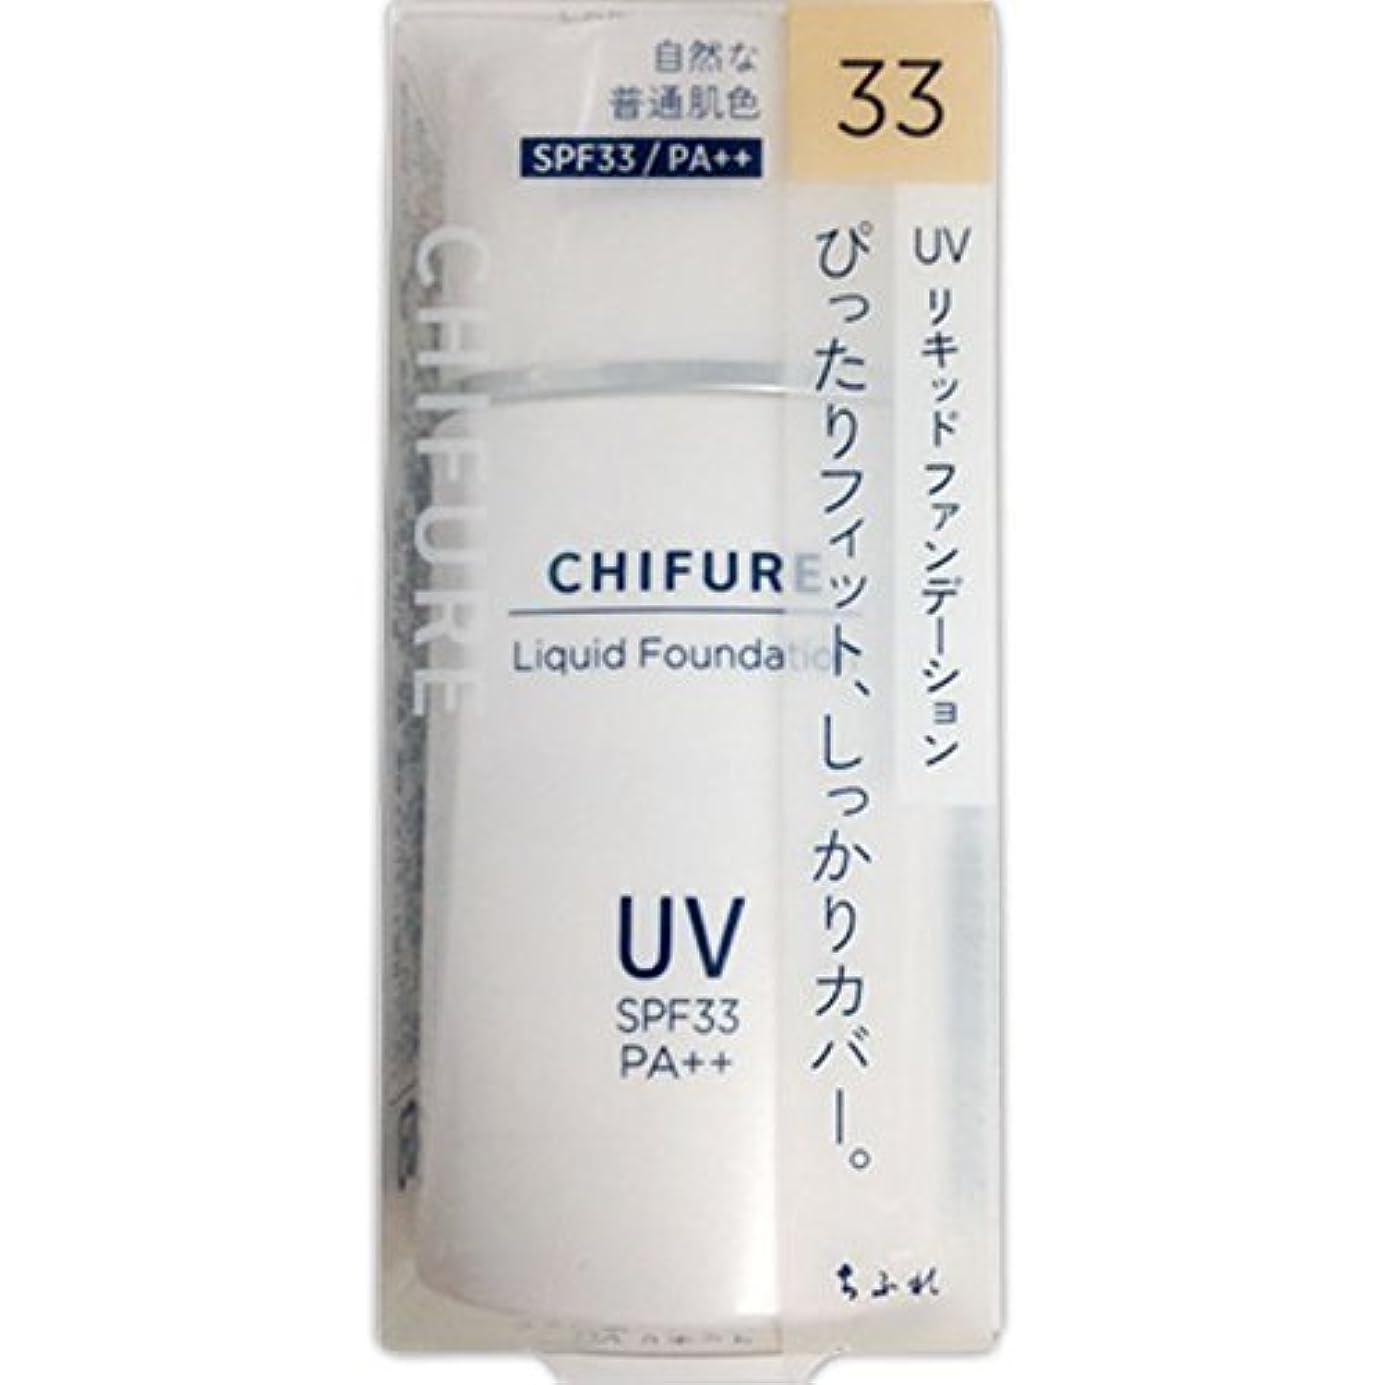 オーバーコート絶え間ないメーターちふれ化粧品 UV リキッド ファンデーション 33 自然な普通肌色 30ML